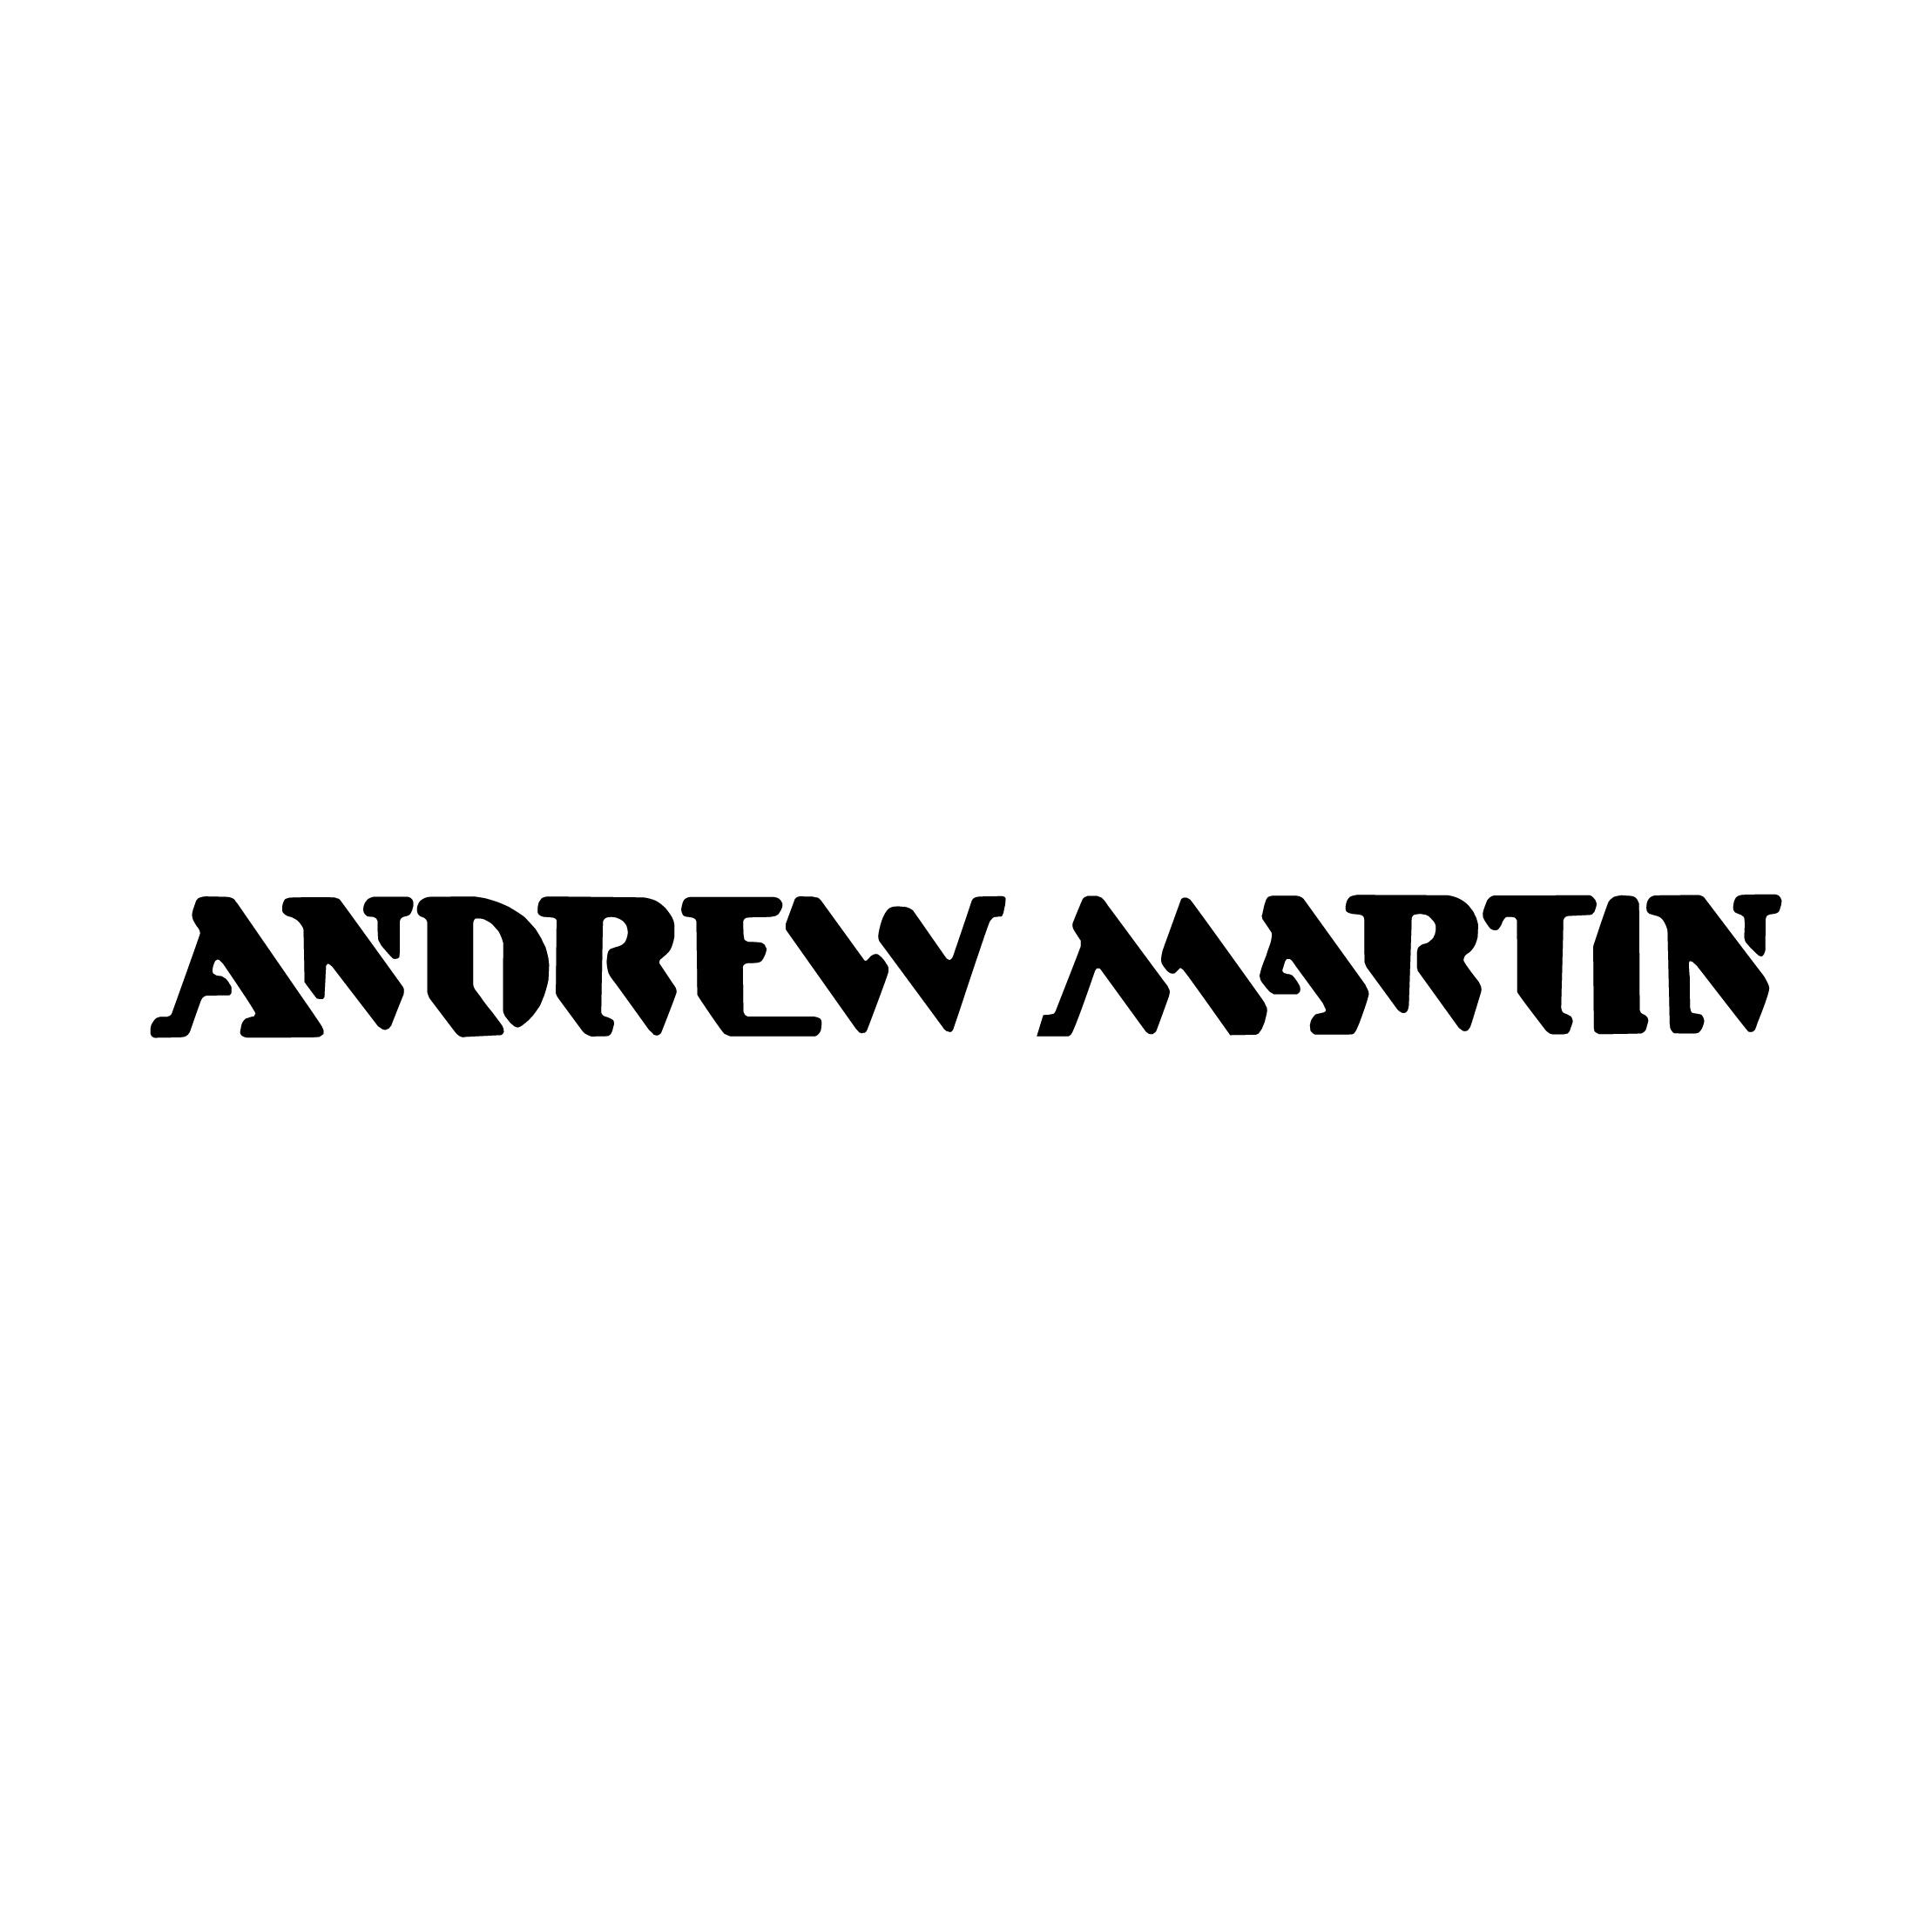 Andrew Martin logo_black.jpg